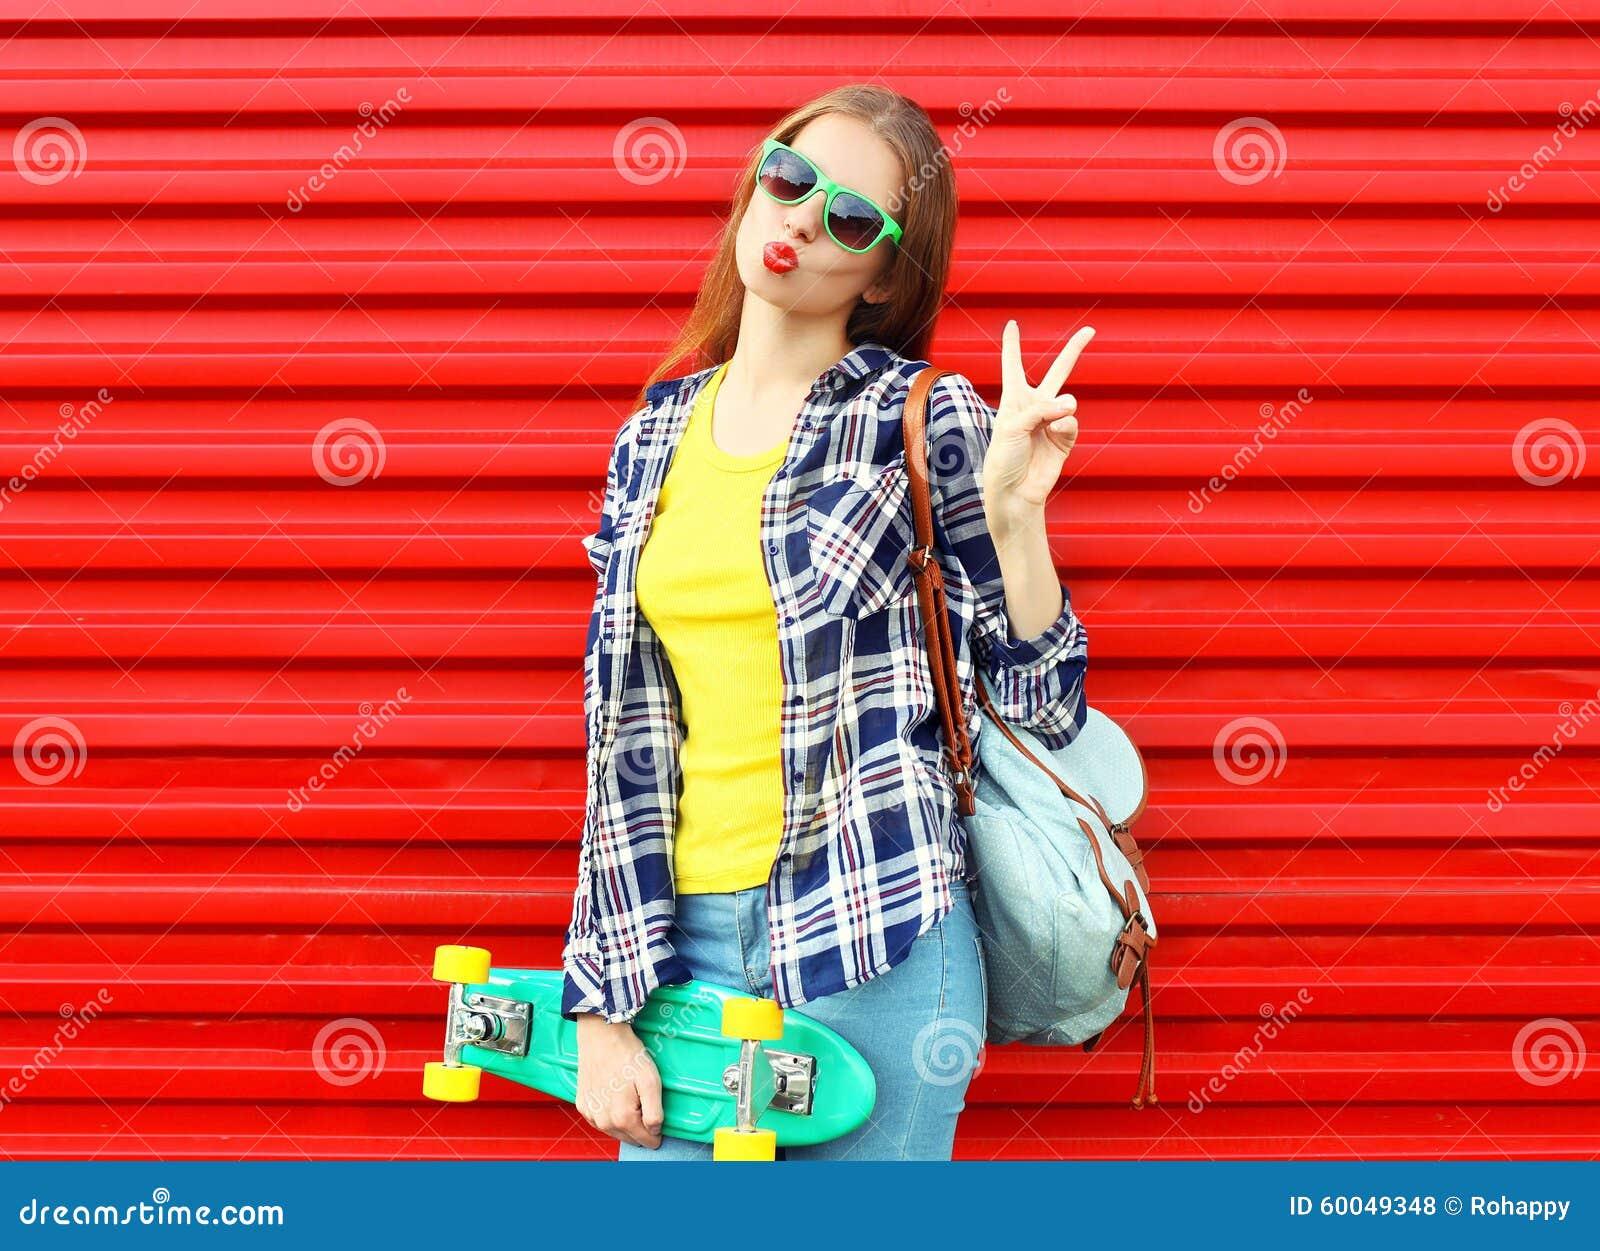 Forme a vestir consideravelmente fresco da menina óculos de sol, skate